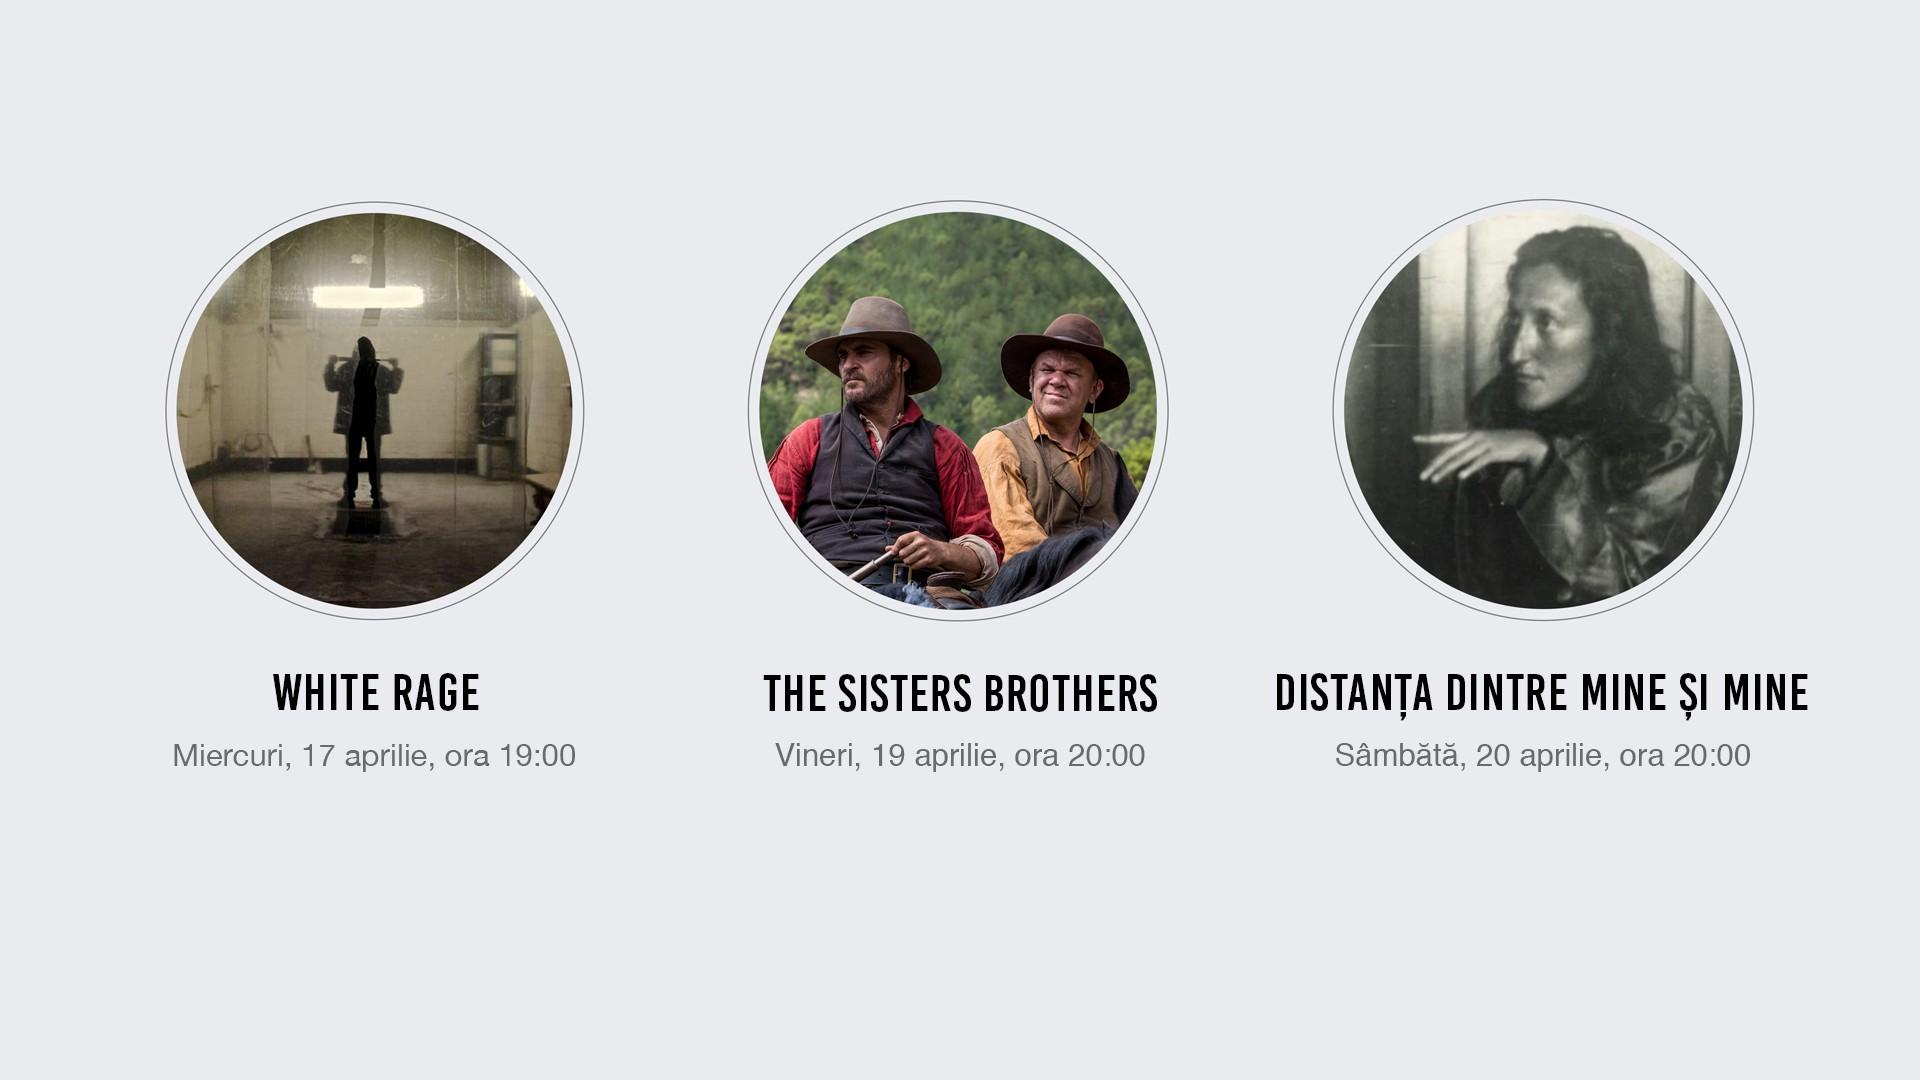 Documentare și western, propunerile săptămânii la cinema Arta